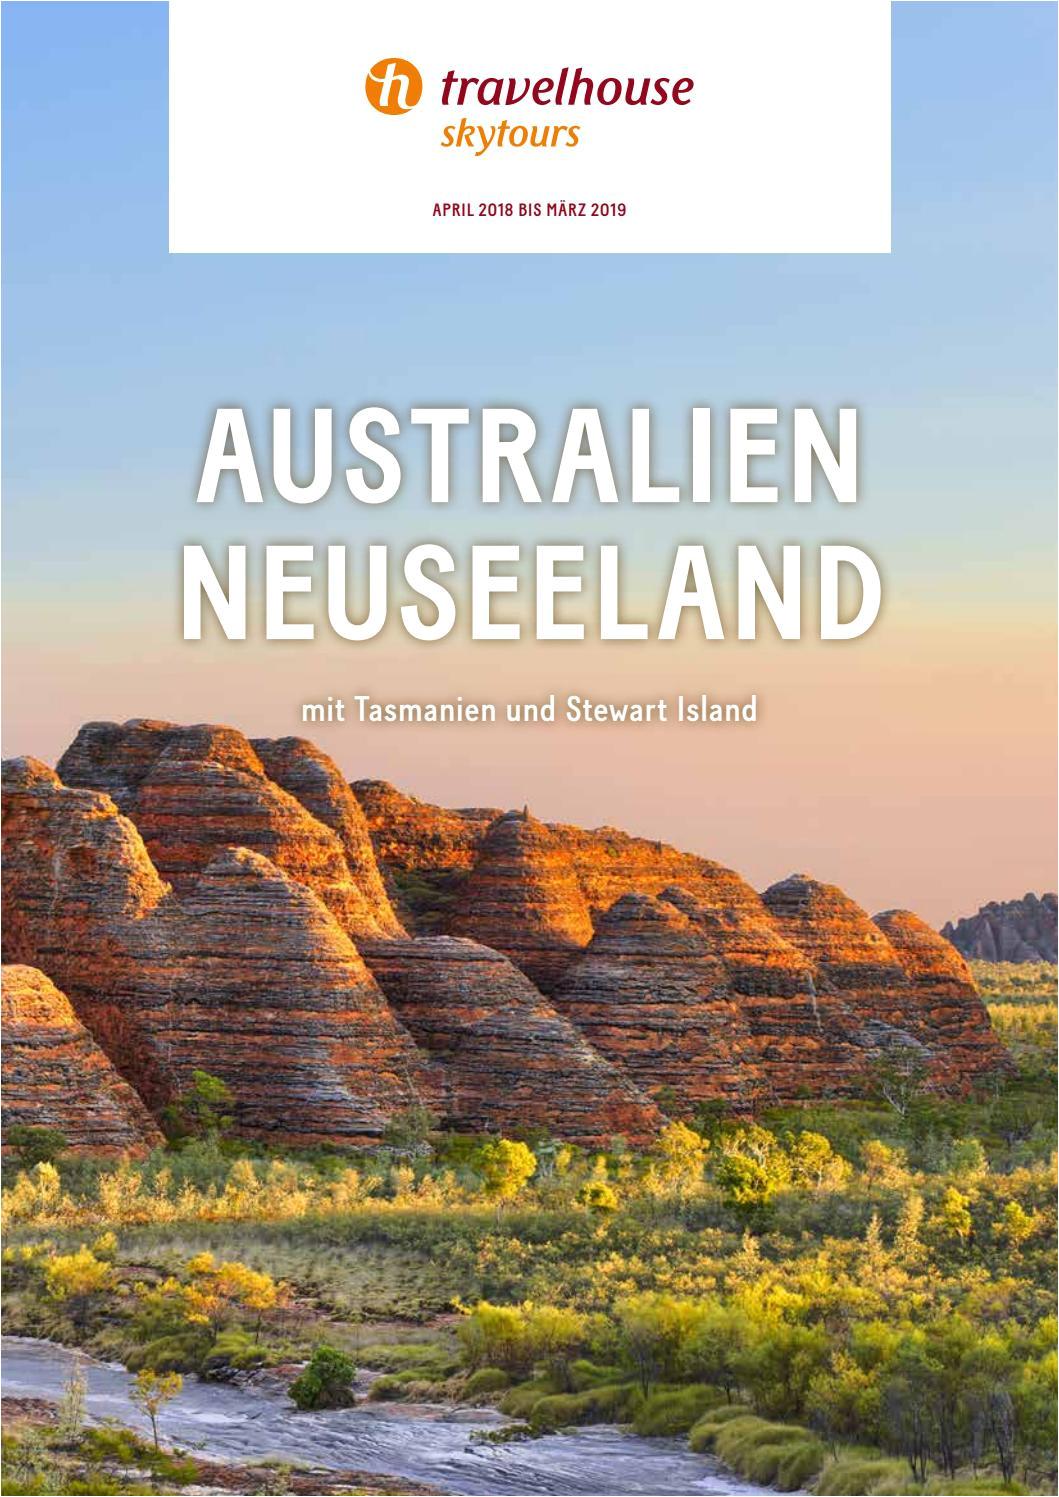 travelhouse australien und neuseeland april 18 bis marz 19 by hotelplan suisse mtch ag issuu